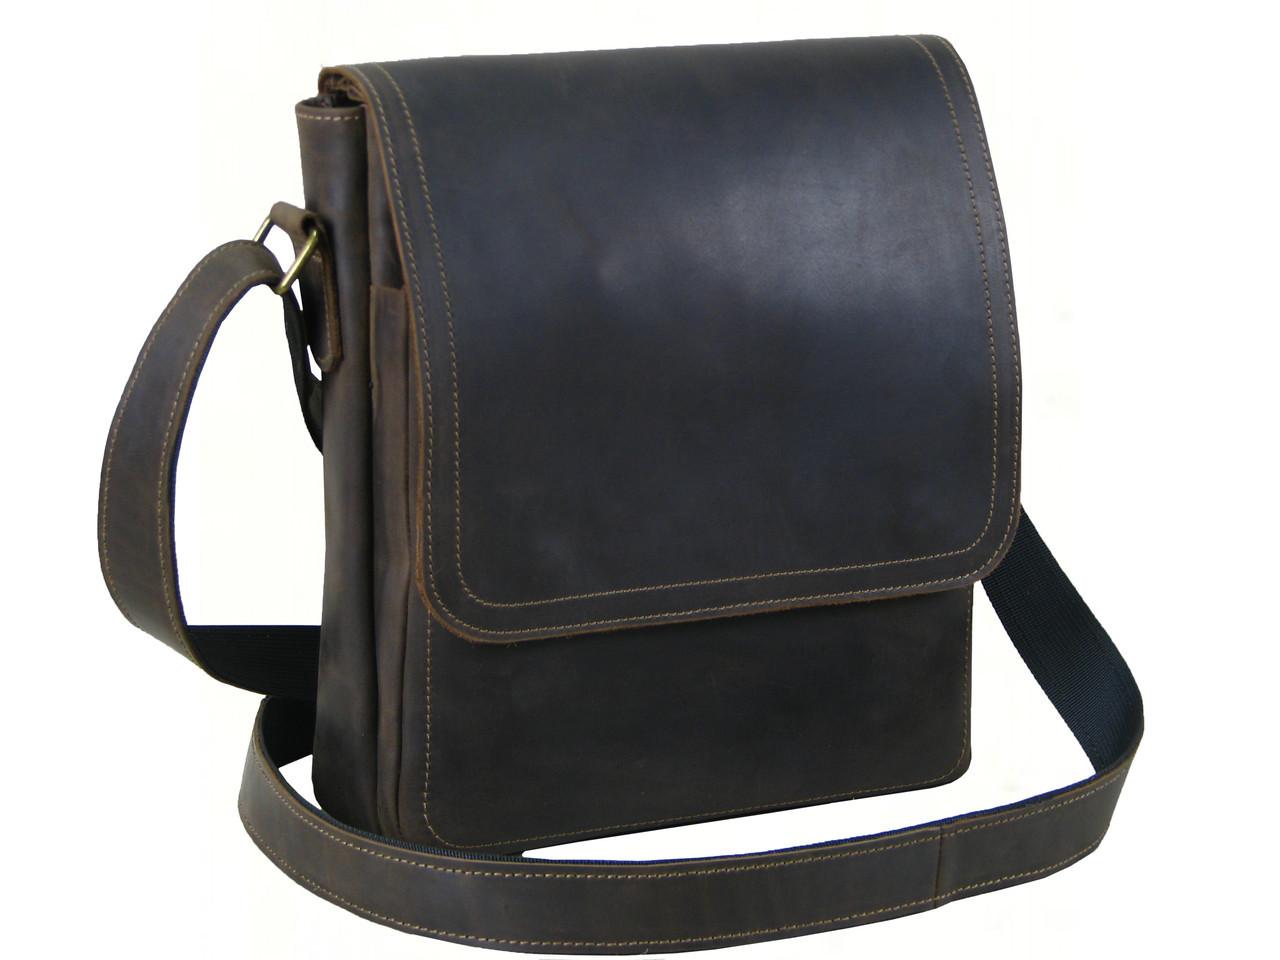 Вместительная мужская сумка GS коричневая